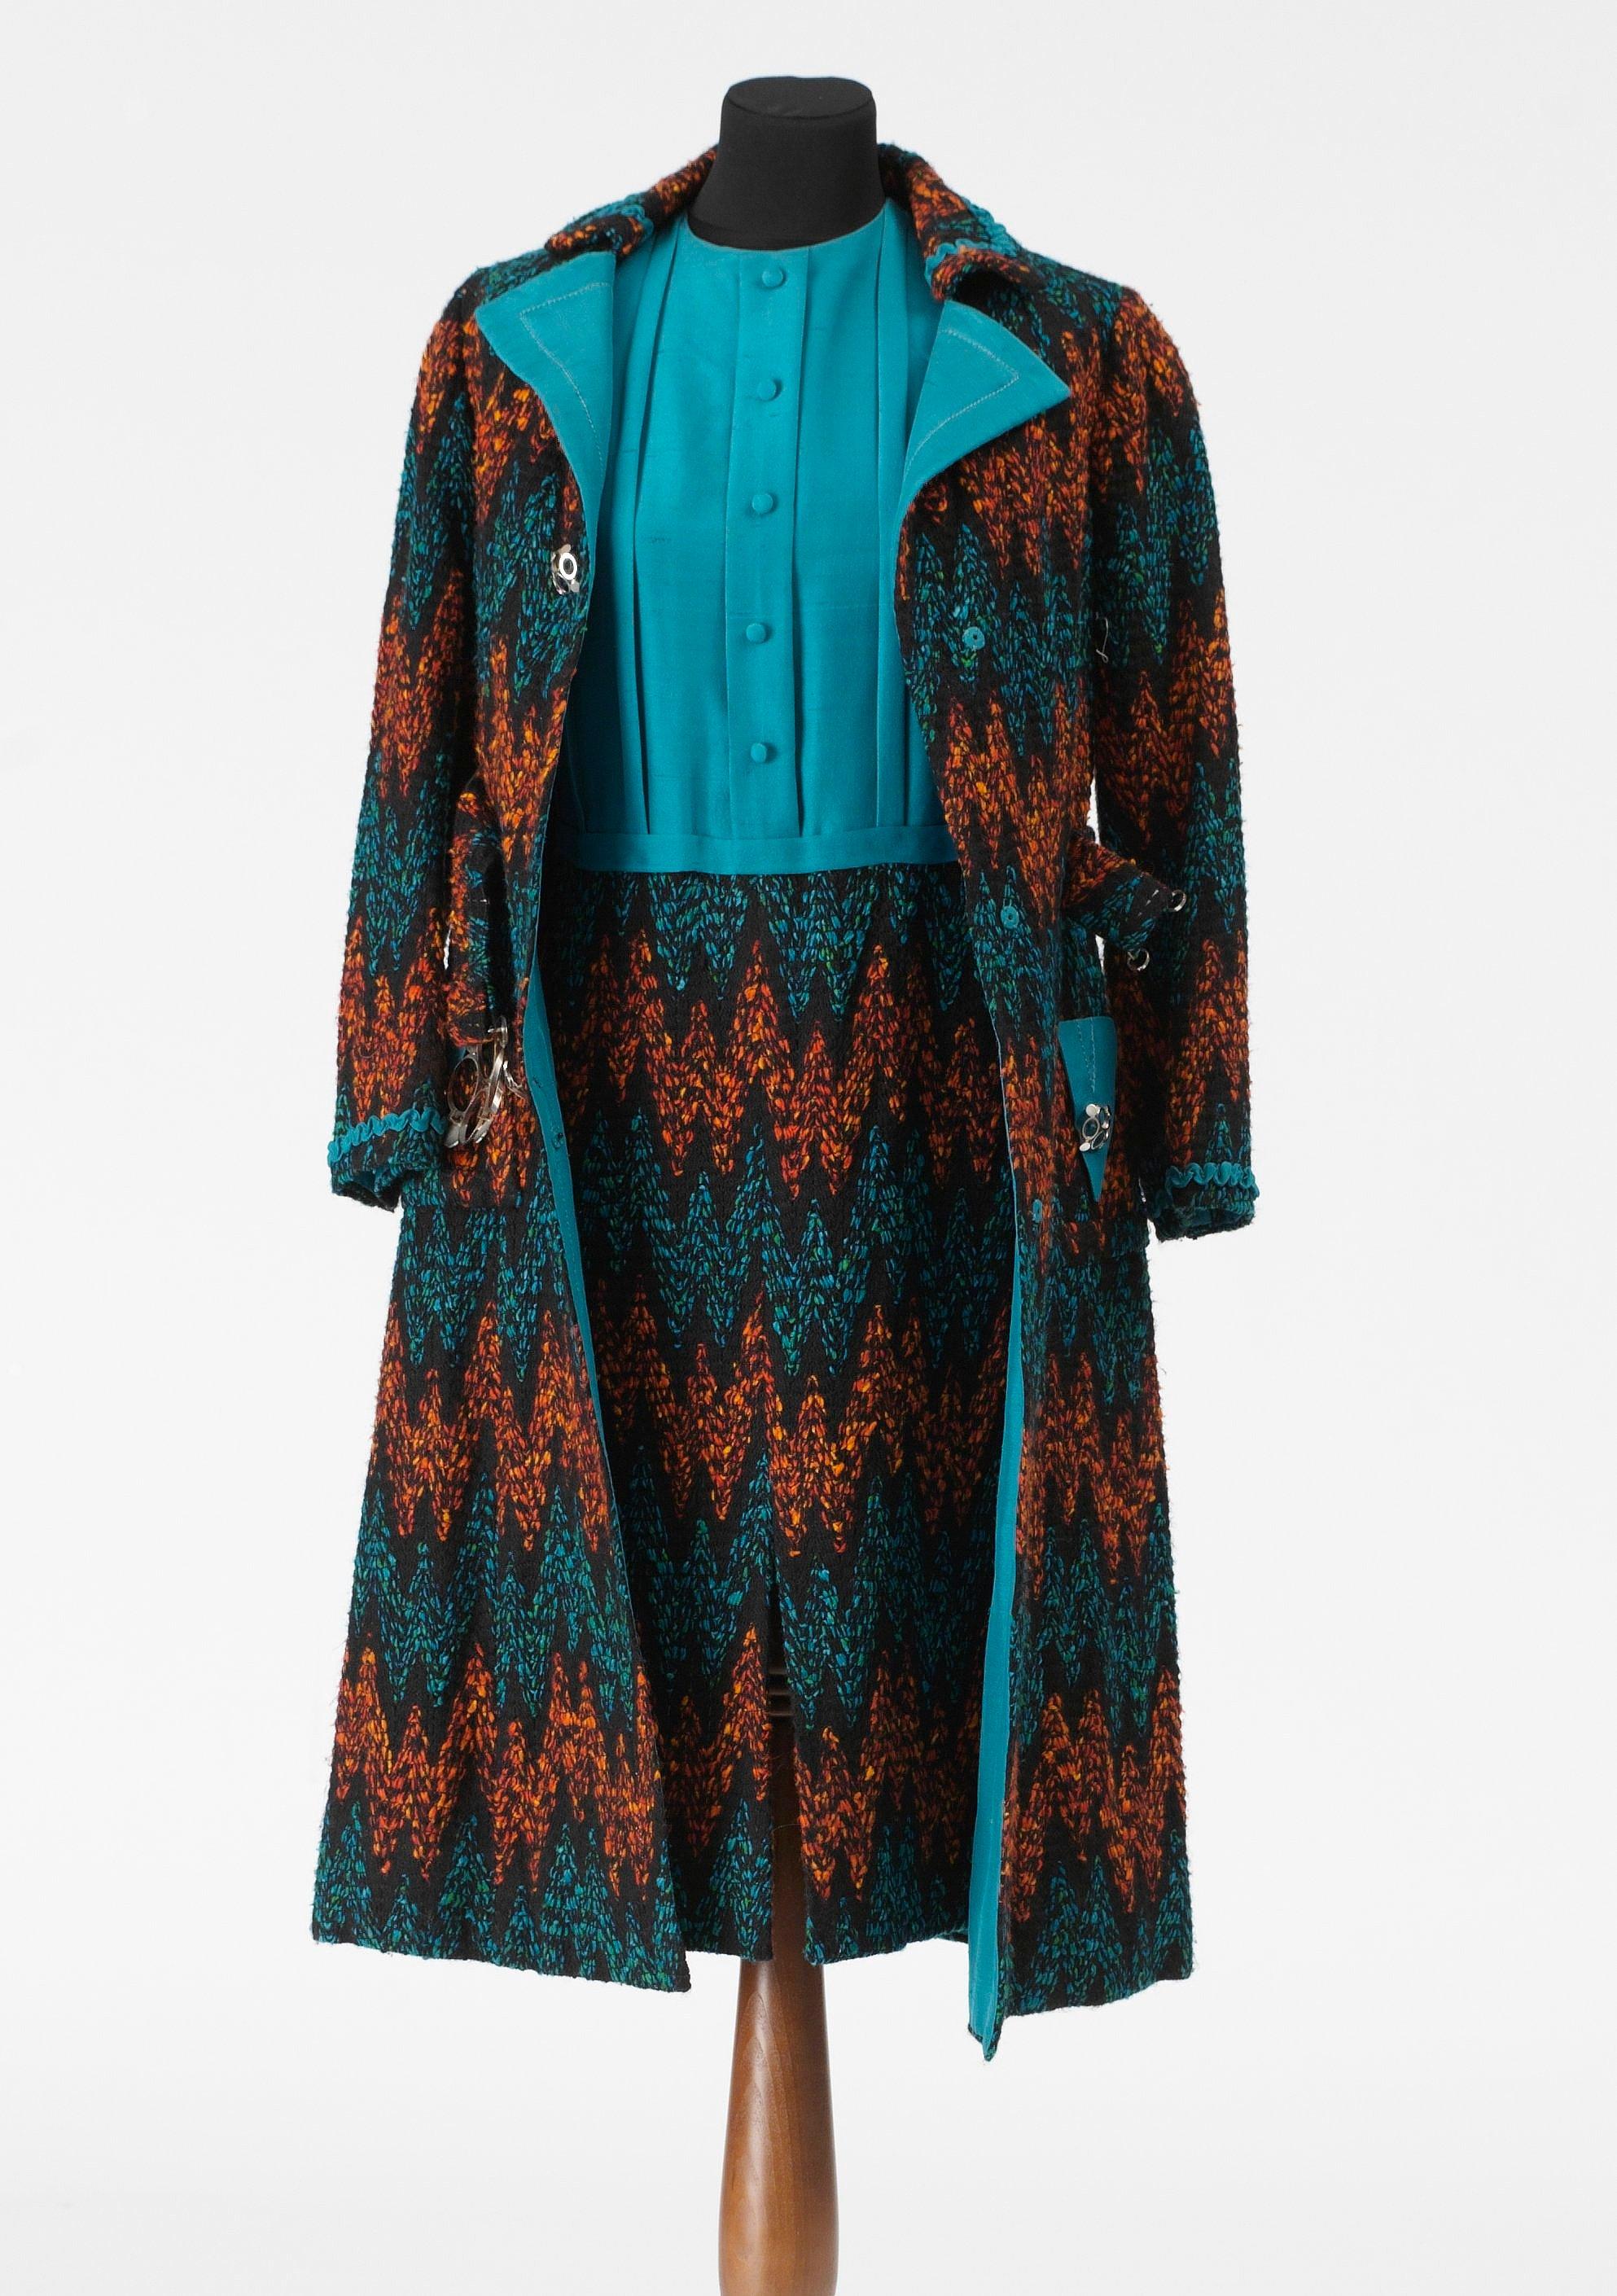 be7370b22fec Kappa med skärp i ullblandning i turkost, orange och svart. Klänning med  överdel i turkost siden samt nederdel i ull i turkost, orange och svart.